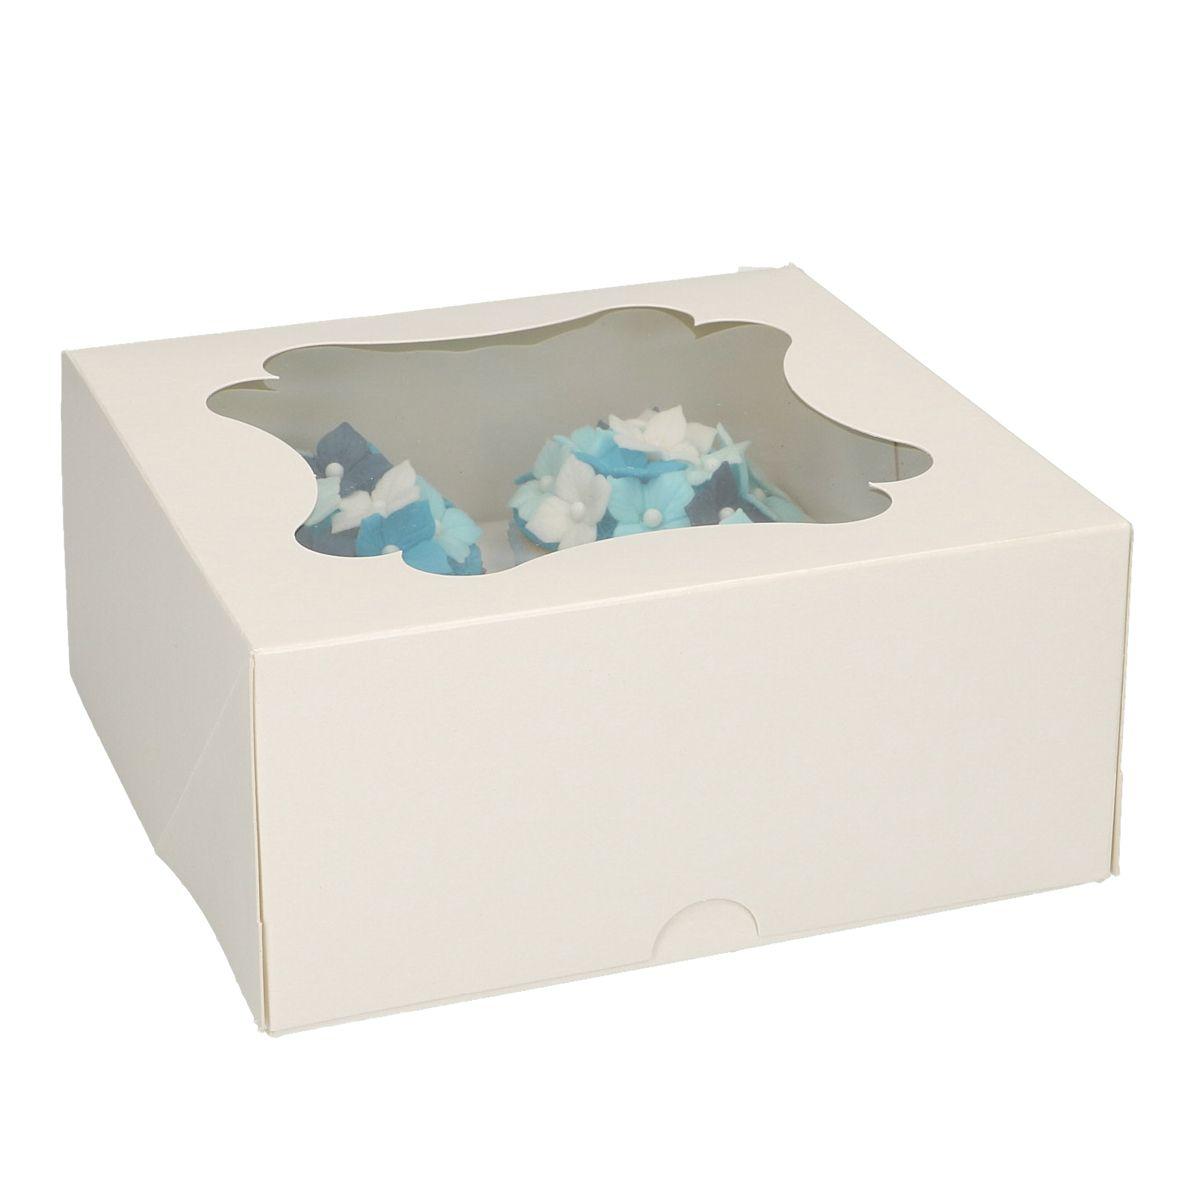 Boîte pour 4 cupcakes - Blanc - Lot de 3